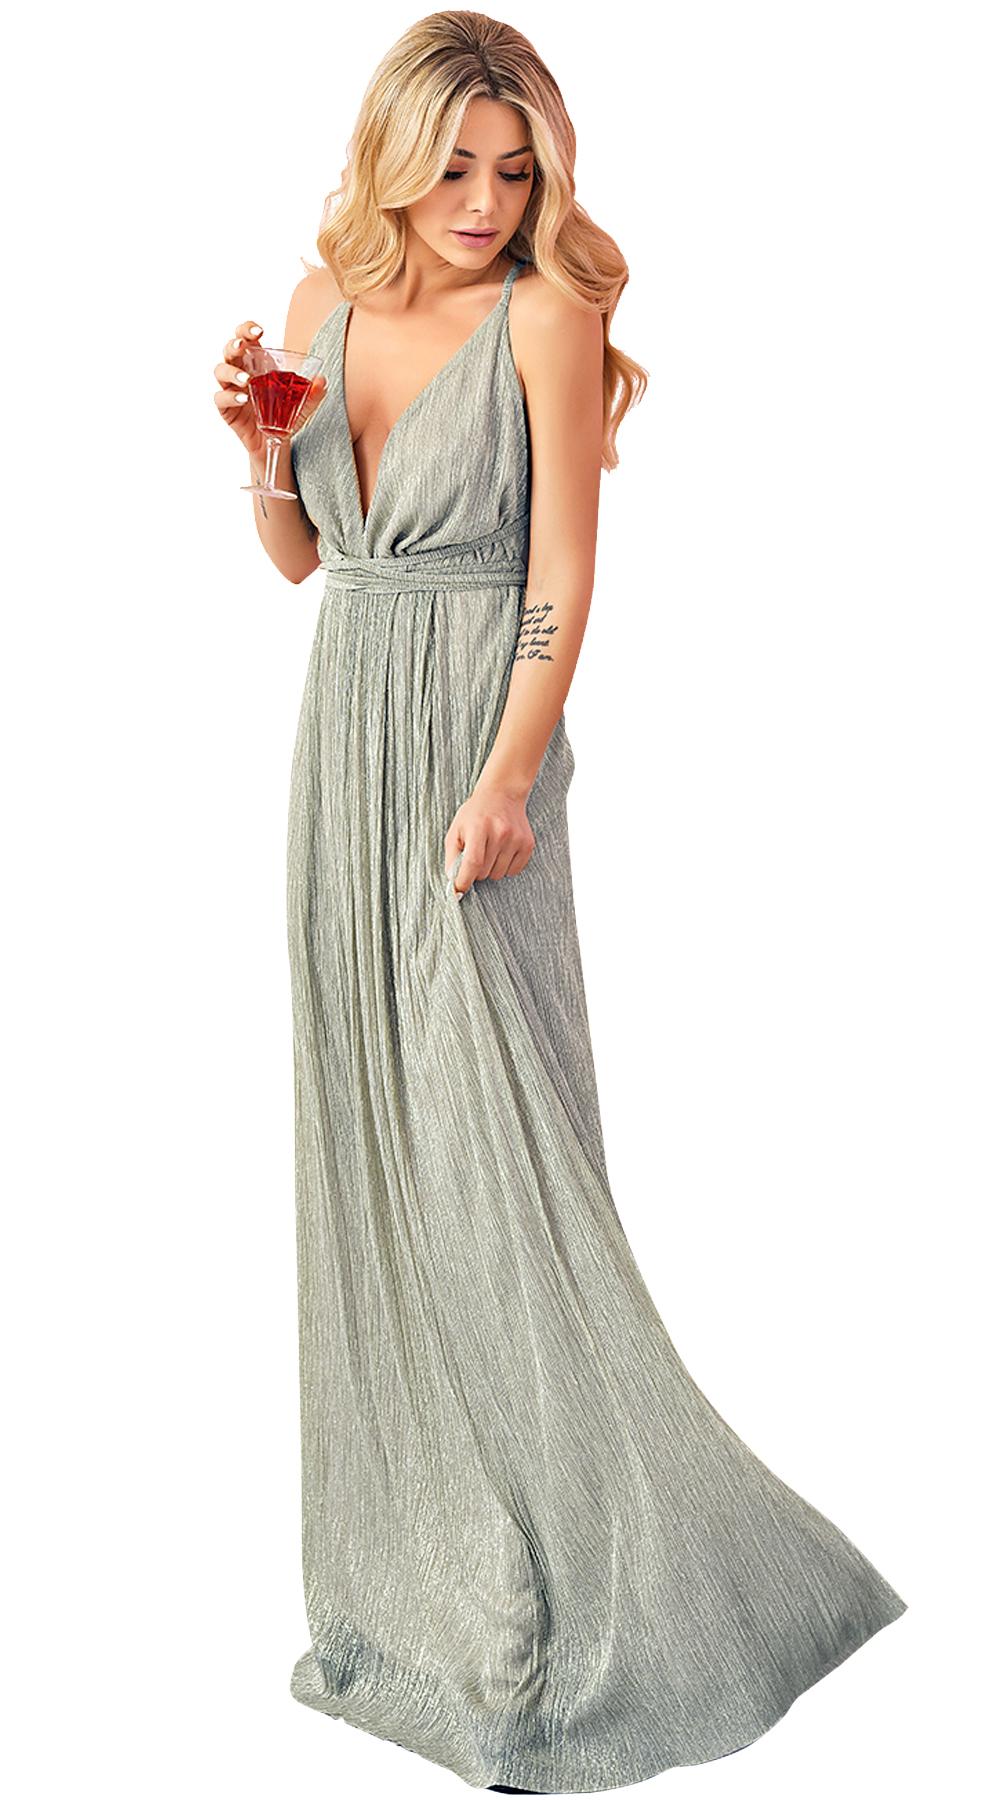 Μάξι χρυσό φόρεμα με χιαστί πλάτη Online - ONLINE - SP18ON-53511 glam occassions wedding shop